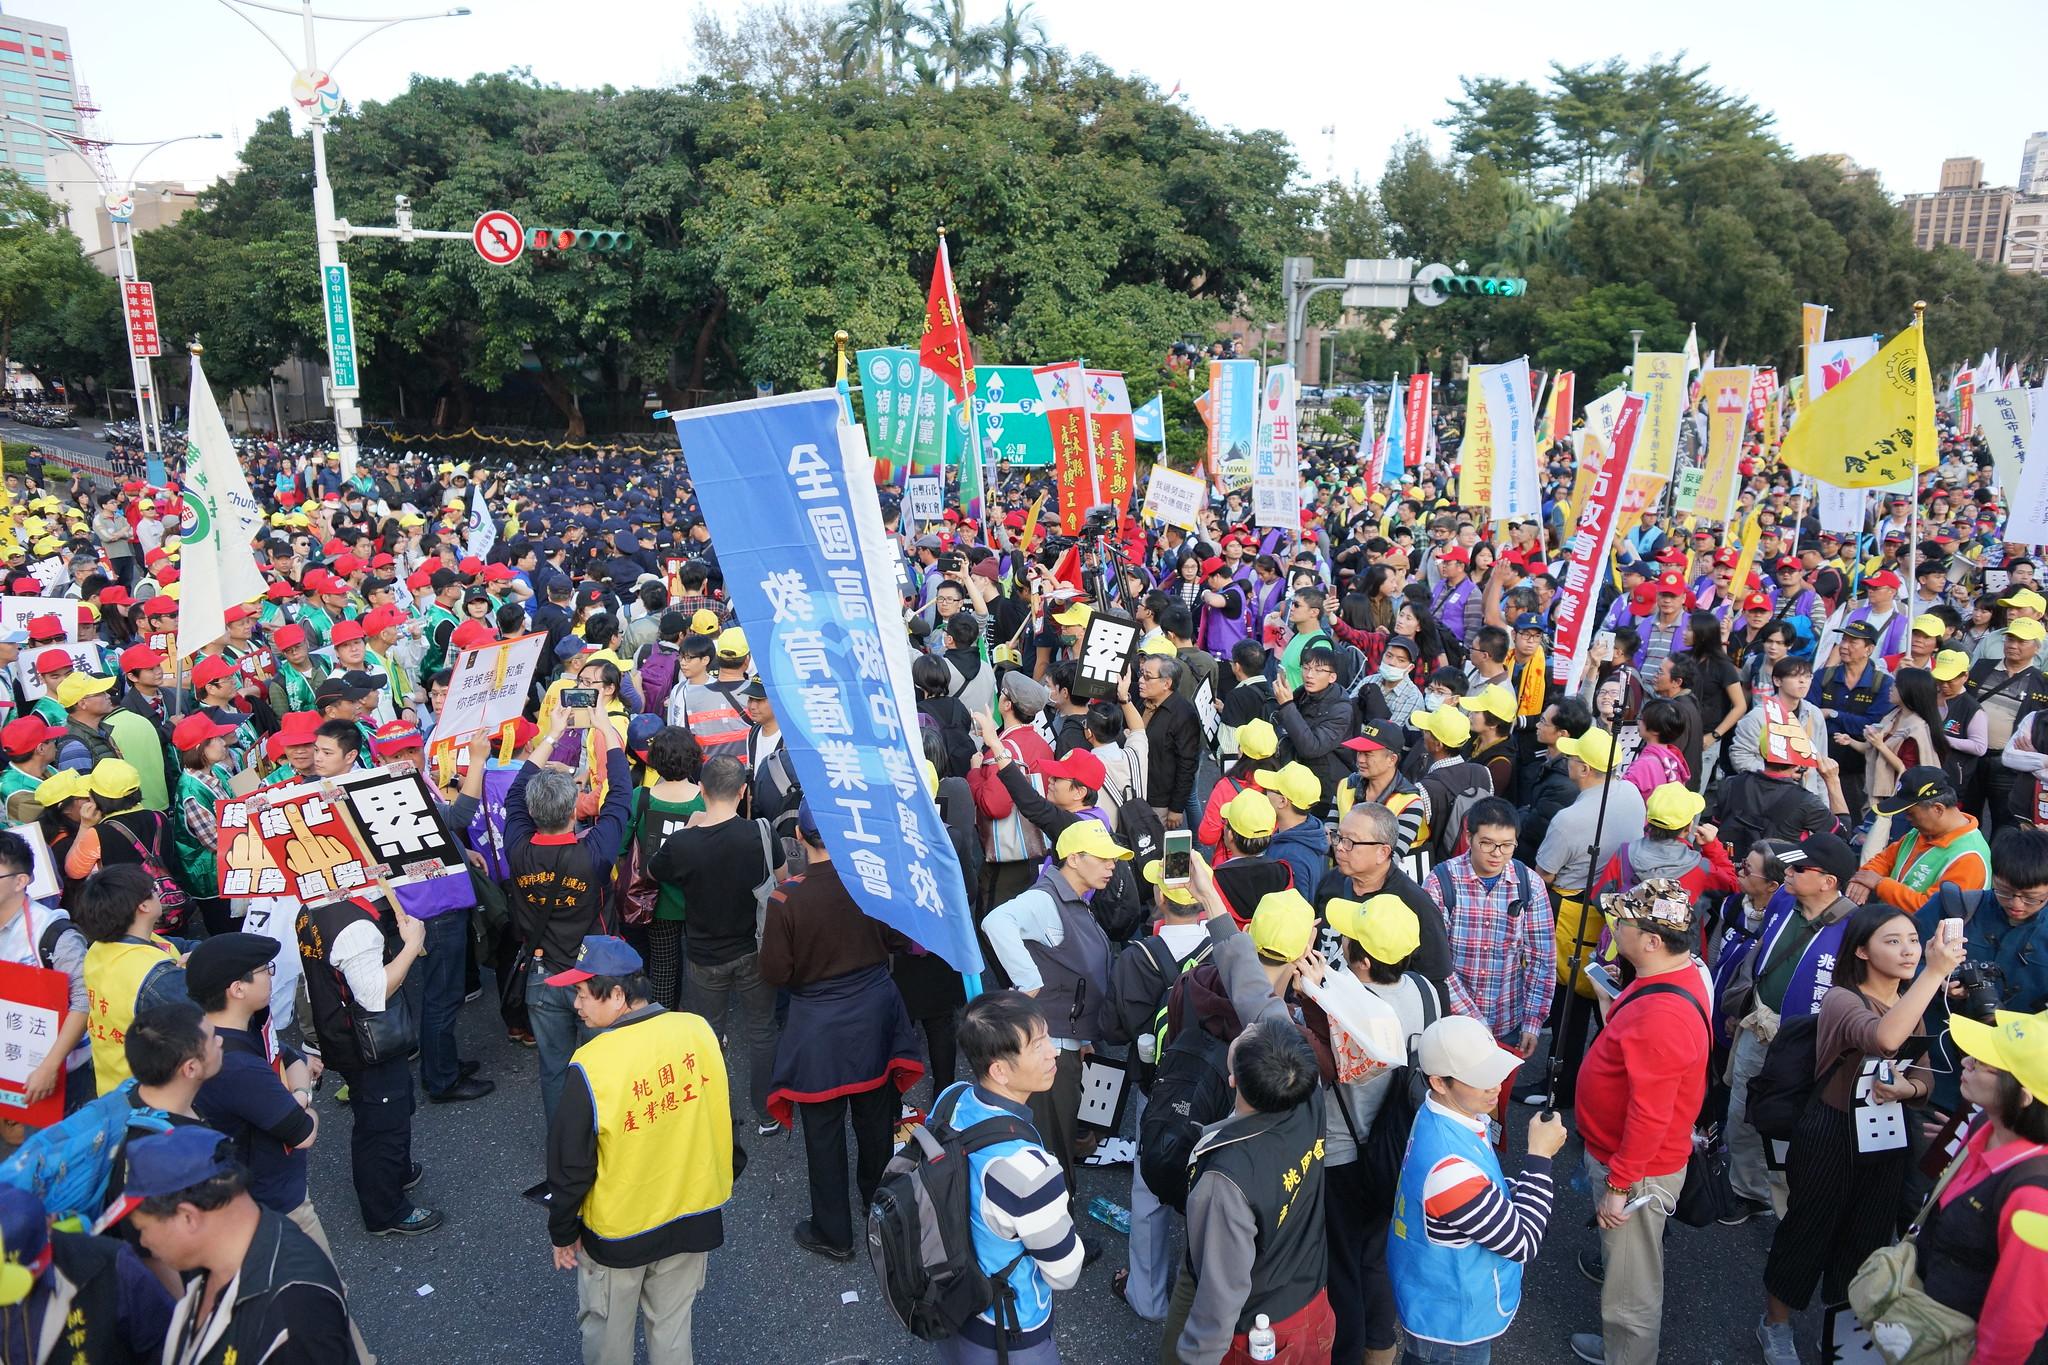 遊行隊伍突折返佔領行政院前路口。(攝影:王顥中)